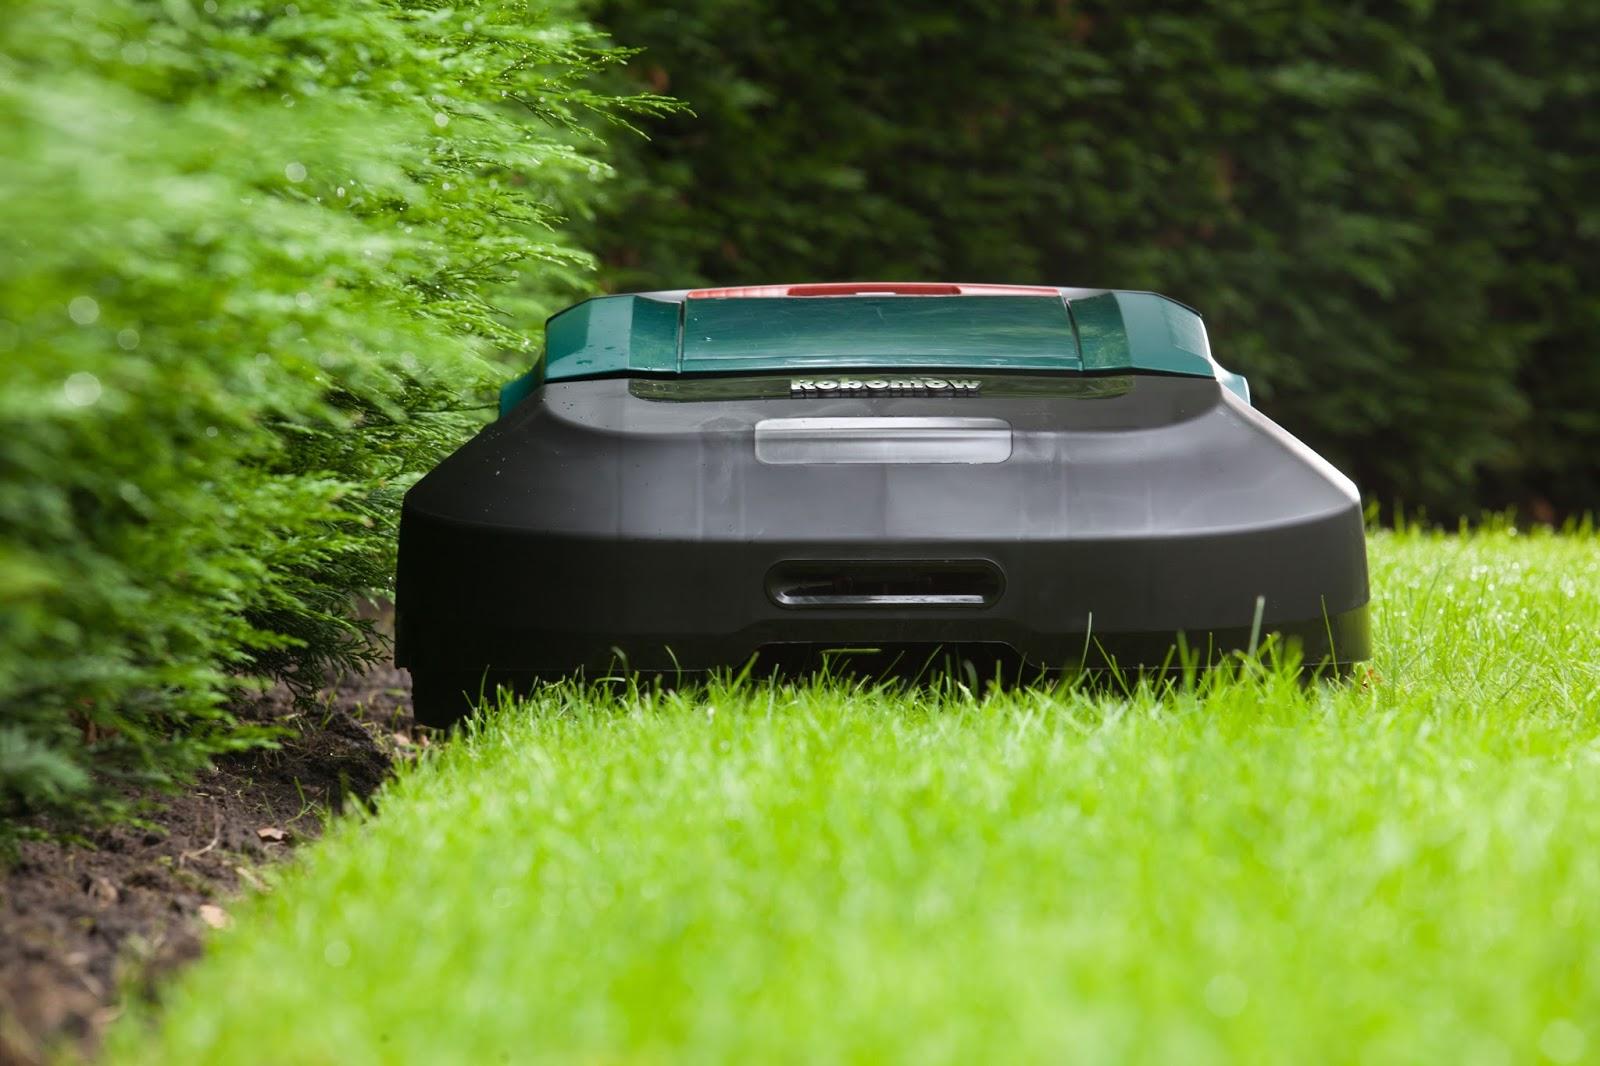 Choisir vos bordures de jardin pour votre robot tondeuse   bon ...